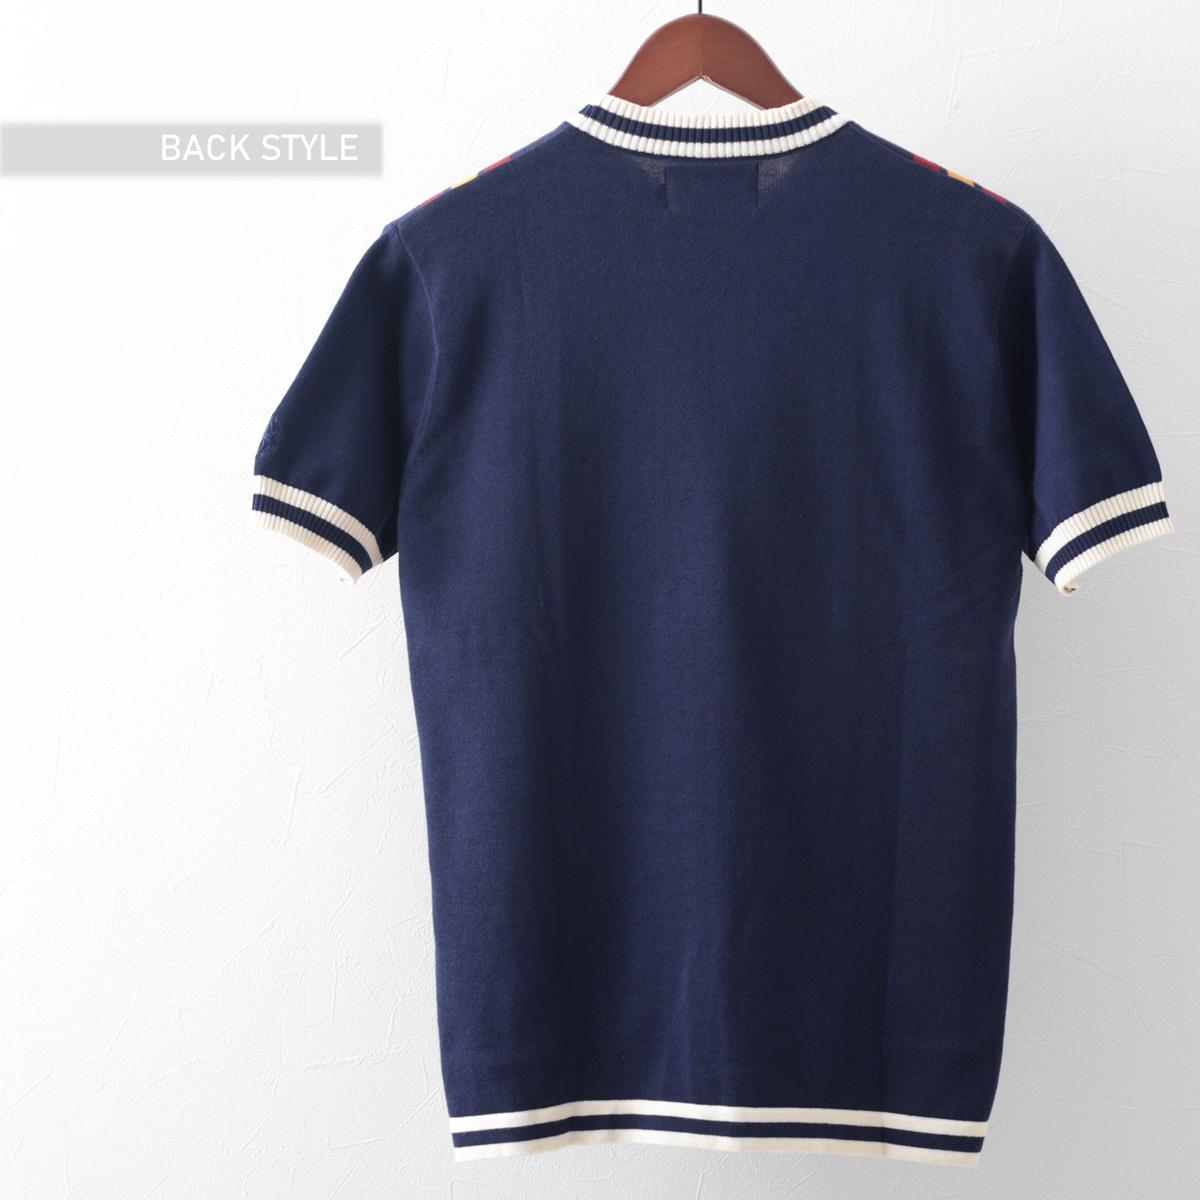 70年代風モッズファッション ニットTシャツ 半袖ニット レトロ ストライプ 2色 ネイビー ブラウン Madcap England マッドキャップ